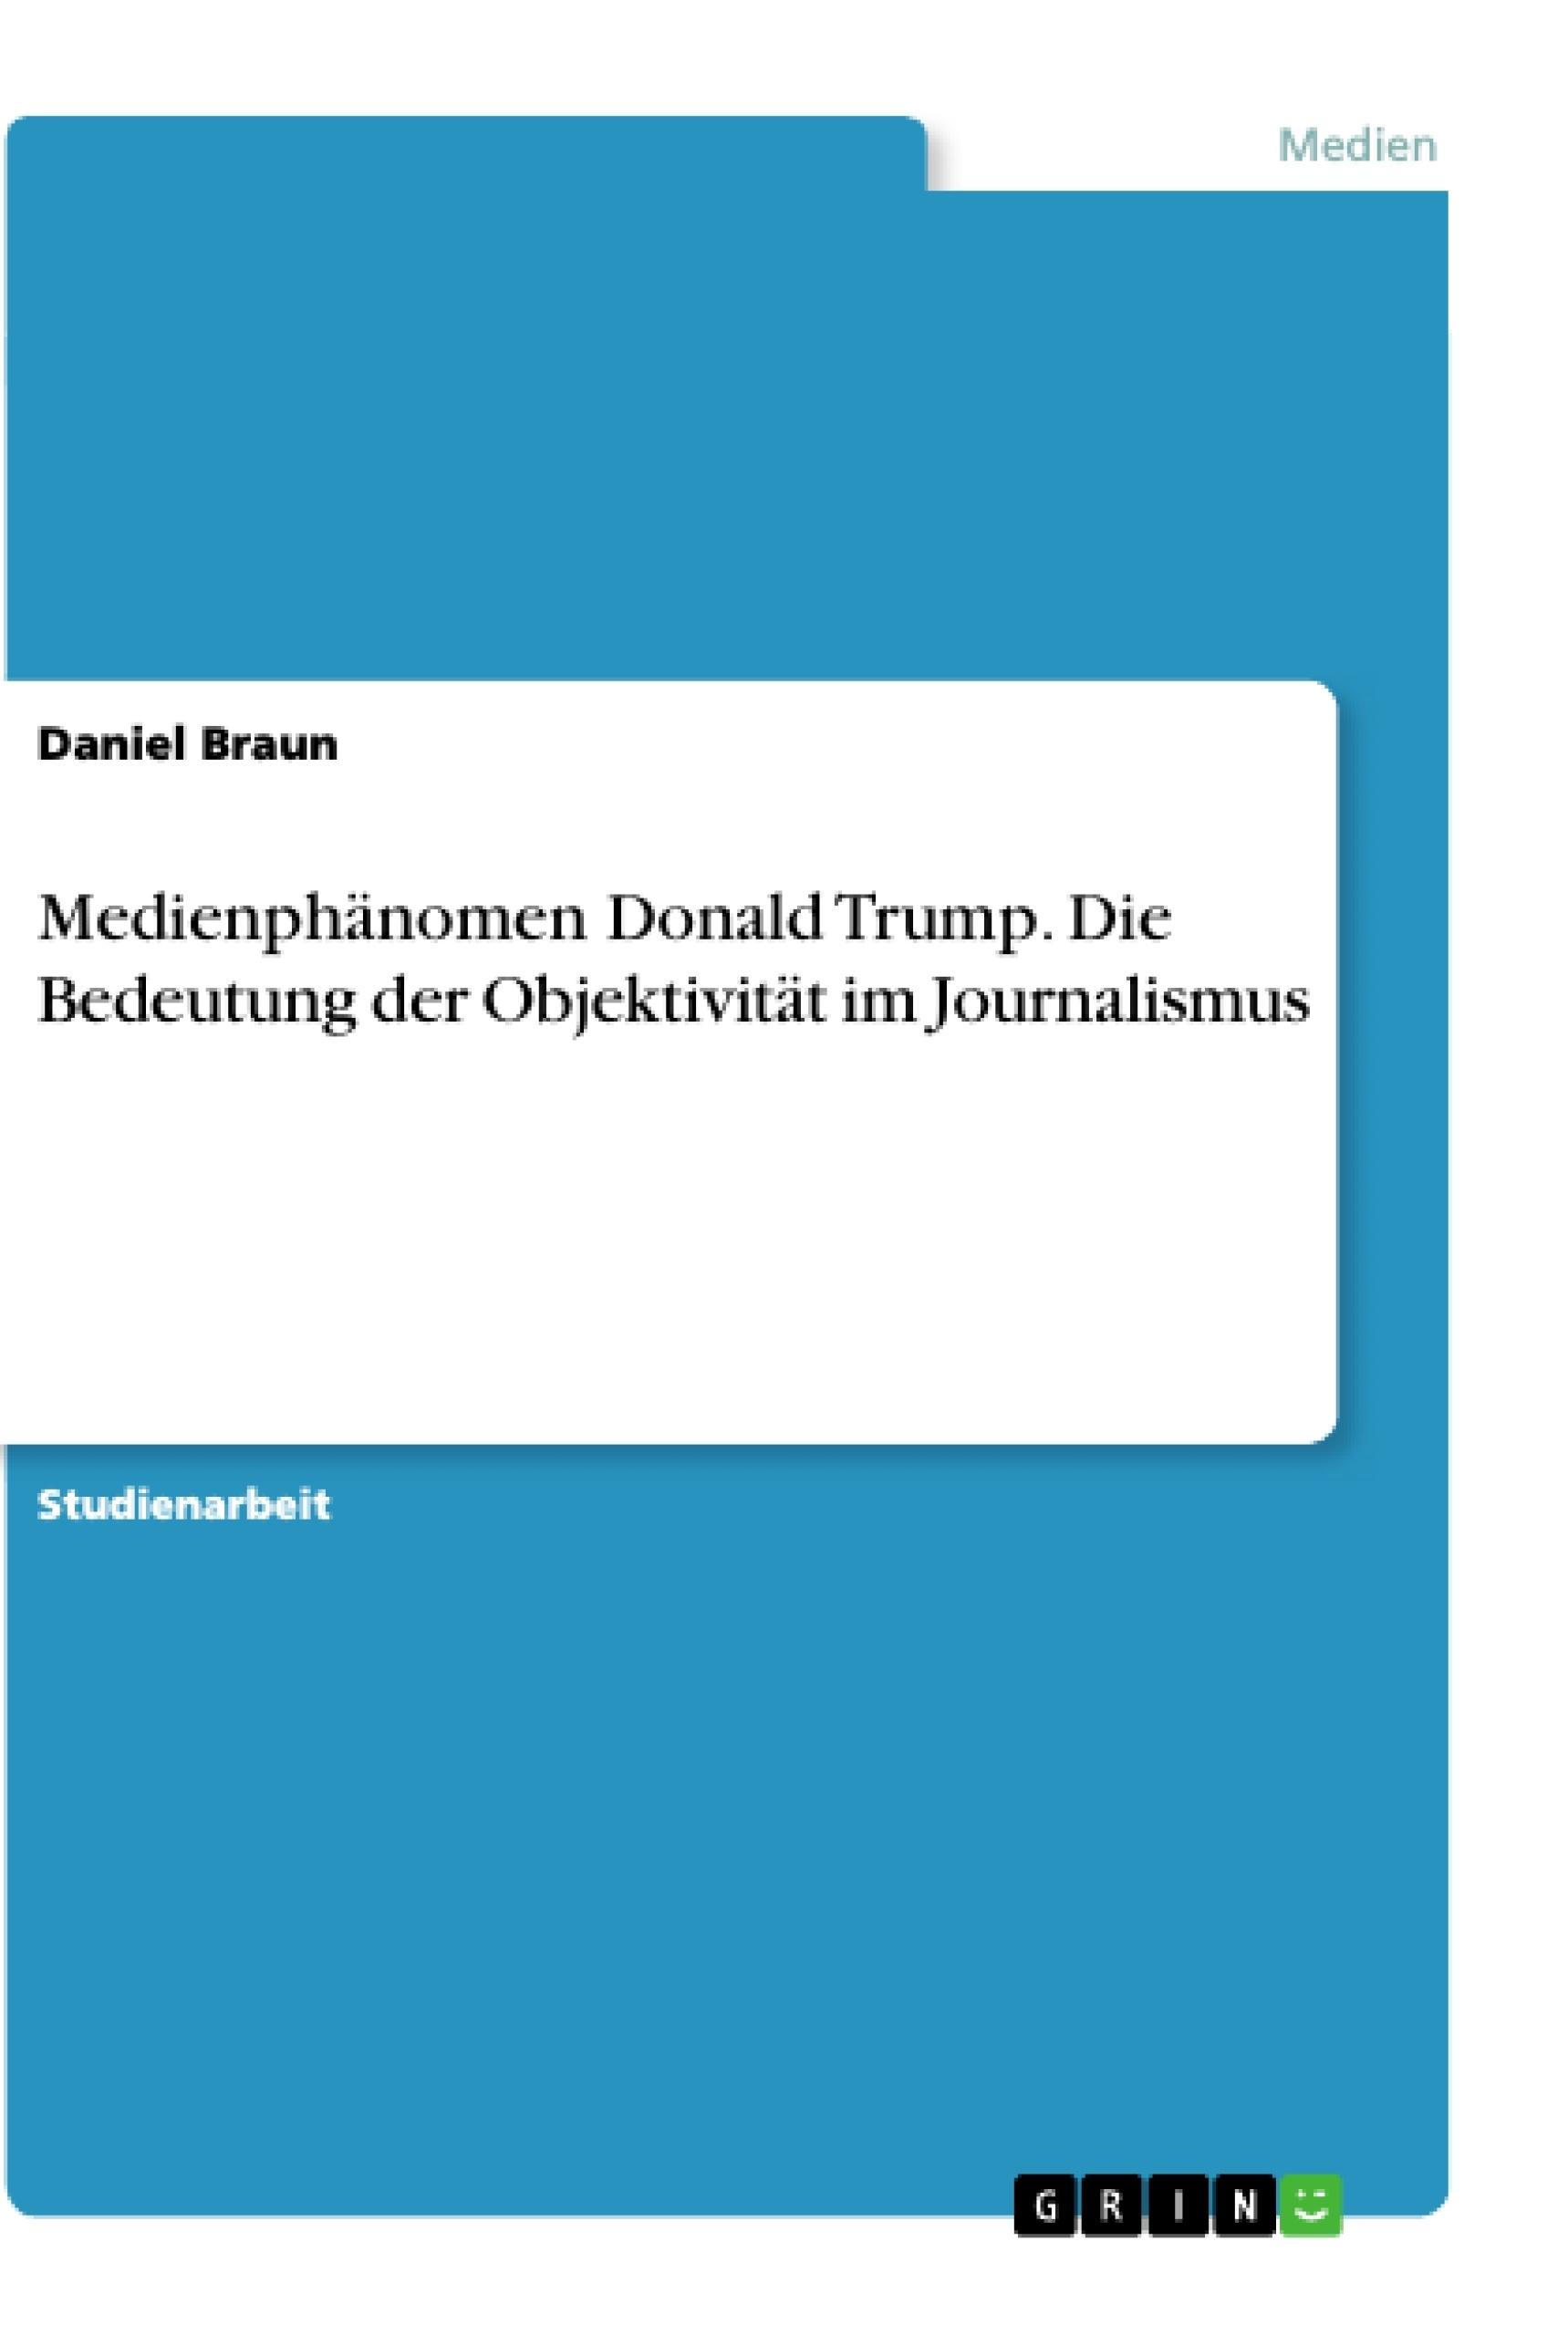 Titel: Medienphänomen Donald Trump. Die Bedeutung der Objektivität im Journalismus